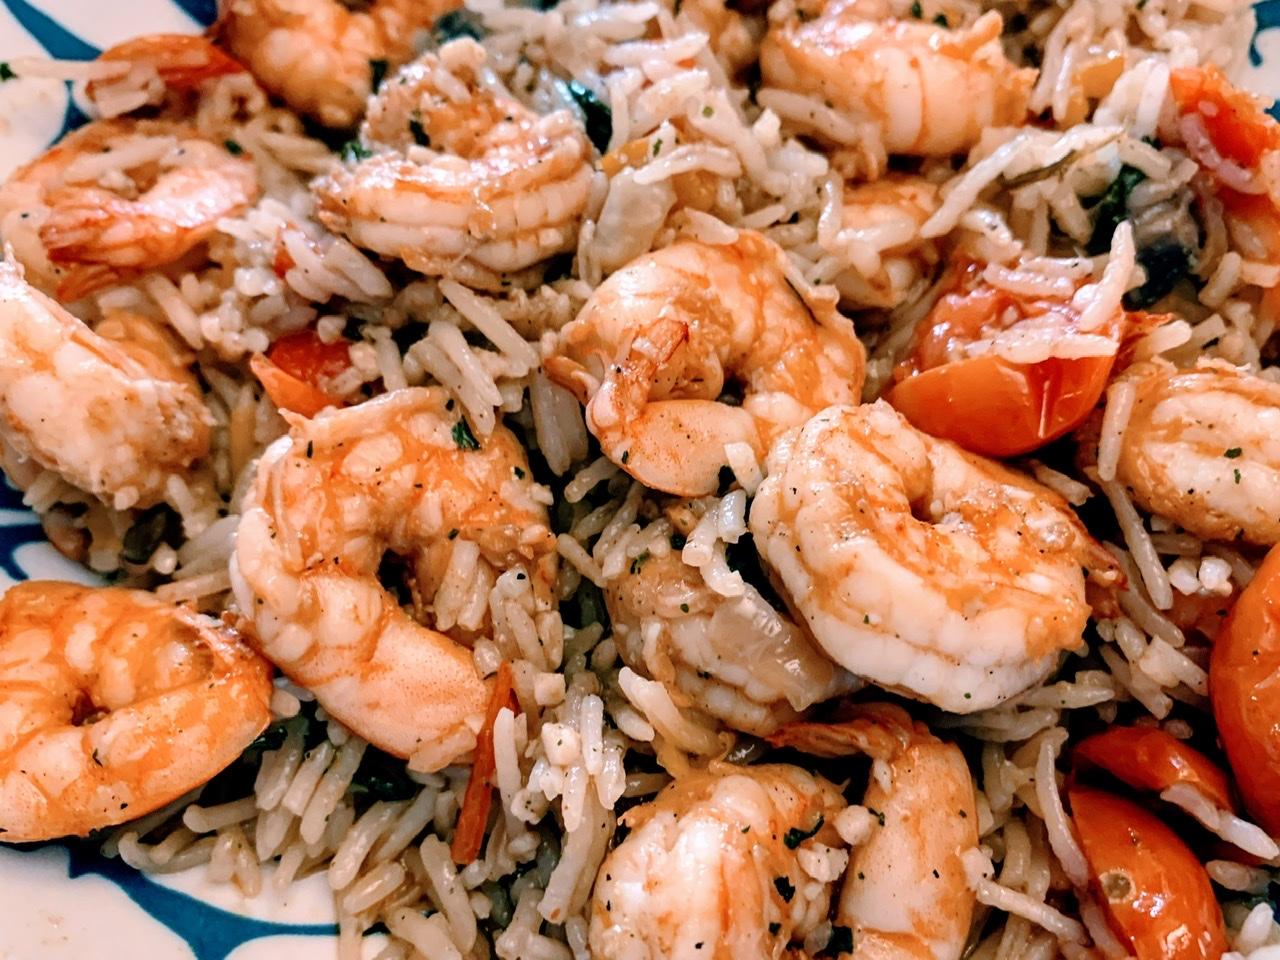 Spanish Garlic Shrimp (Gambas al Ajillo) Brian Kannheiser